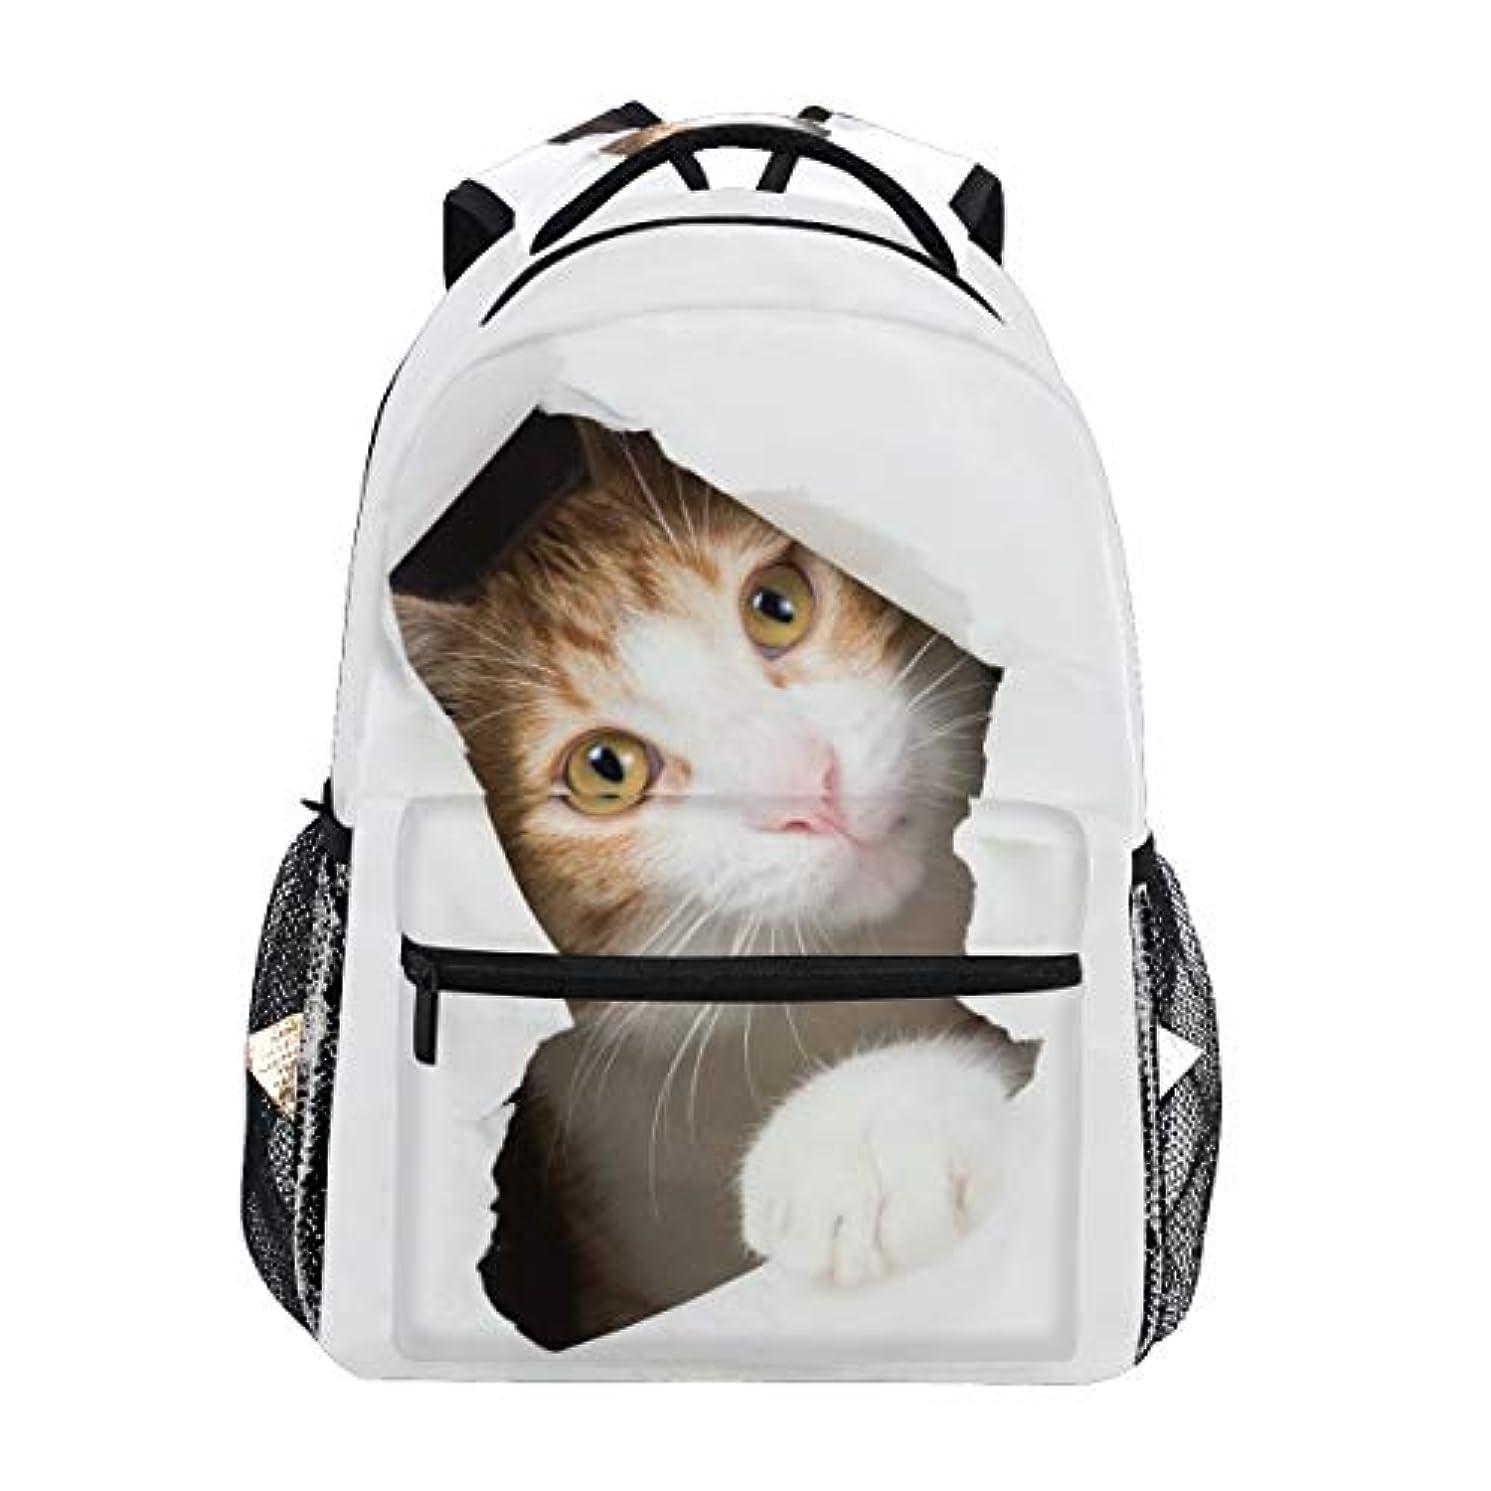 薬局背が高い人道的MASAI リュック 可愛い リュックサック おしゃれ 猫柄 白 大容量 レディース メンズ 女の子 小学生 中学生 高校生 軽量 通学 通勤 旅行 プレゼント